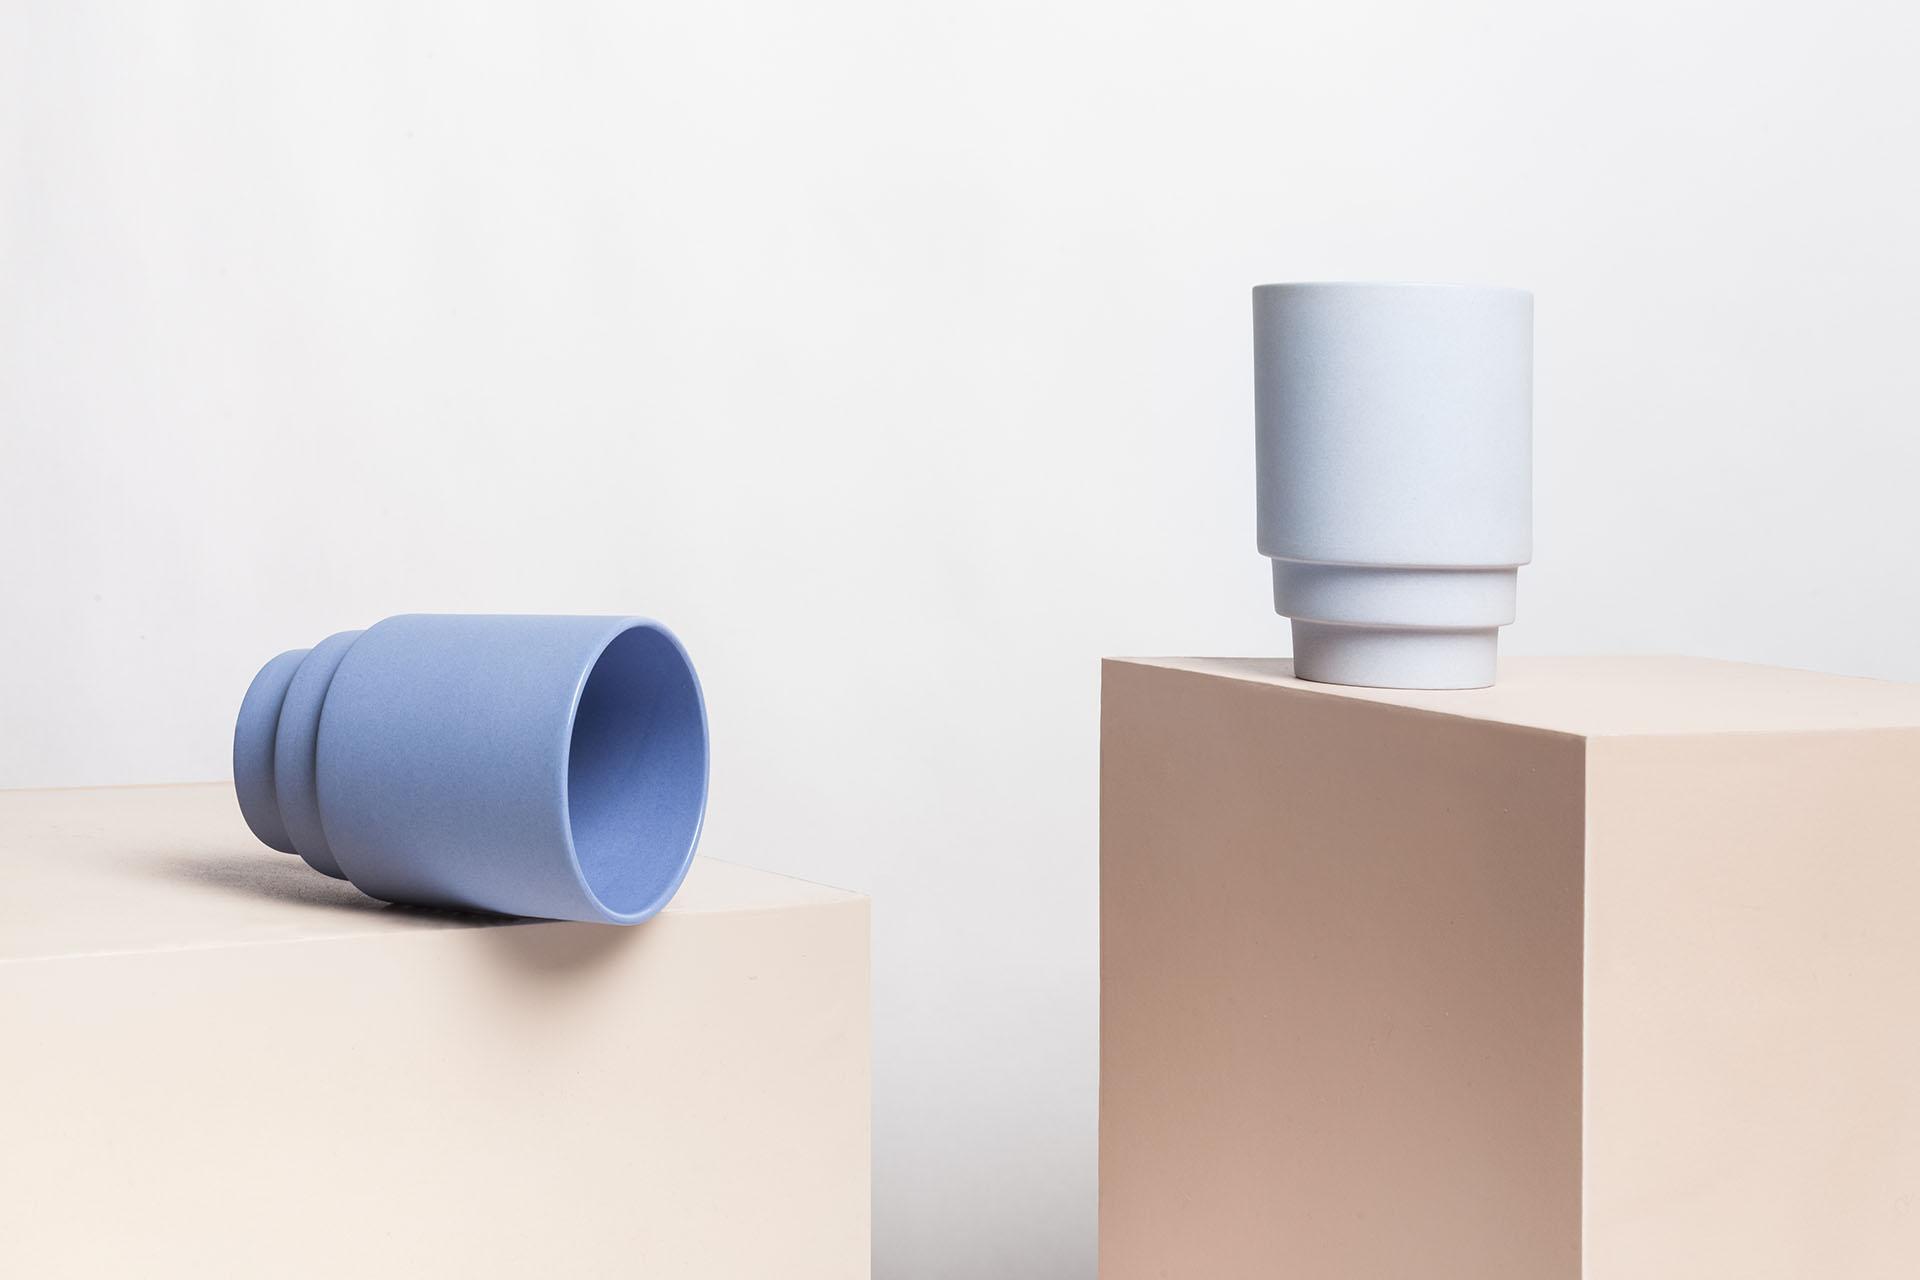 blauw grijs monday mug plastisch getal design productdesign productontwerp keramiek porselein serie dom van der laan